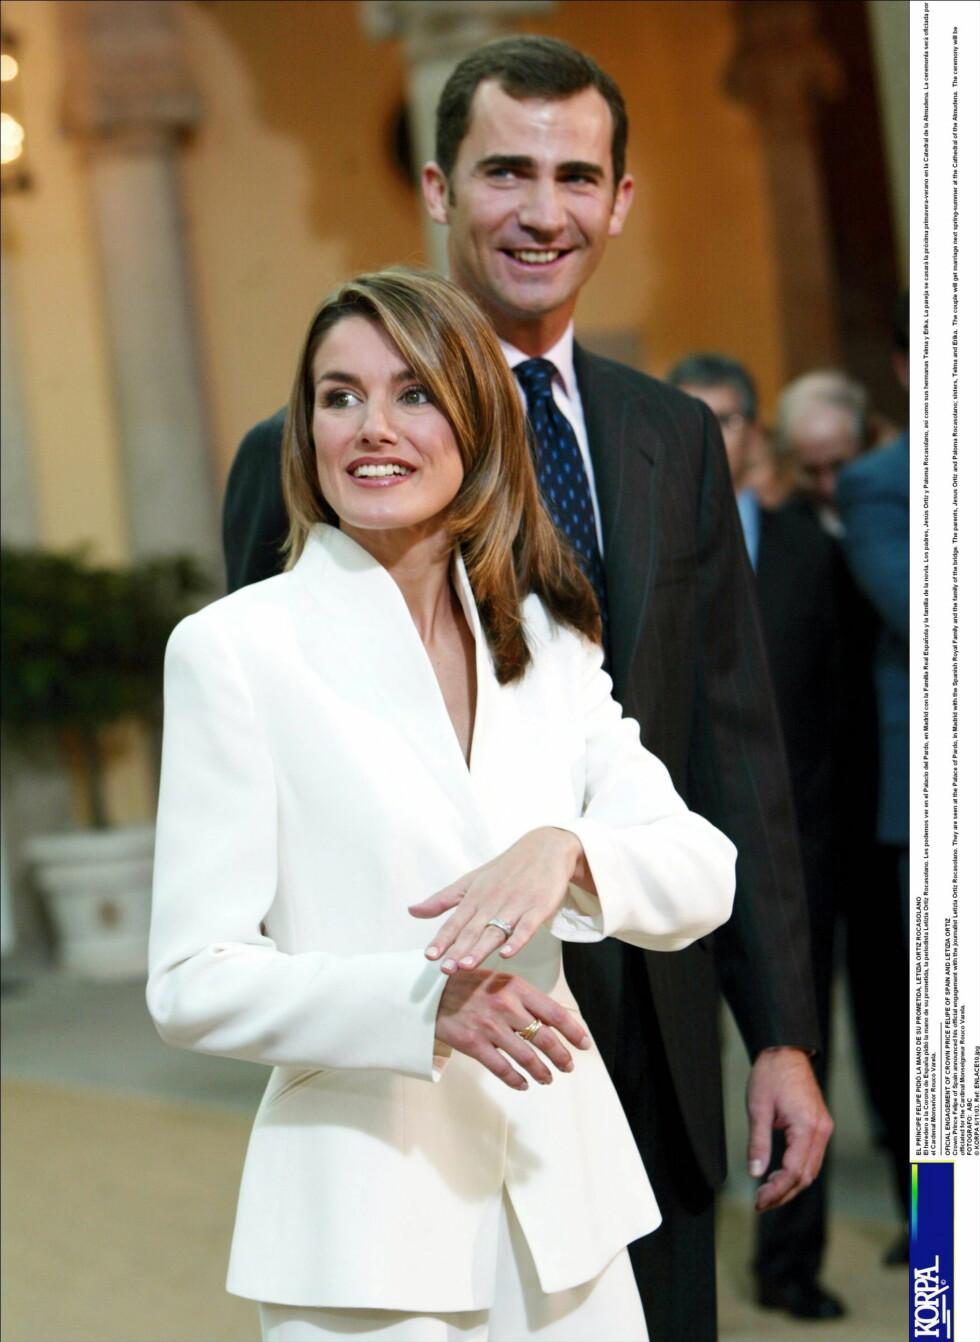 VISTE FRAM RINGEN: Her er Letizia og Felipe - helt nyforlovet. Foto: All Over